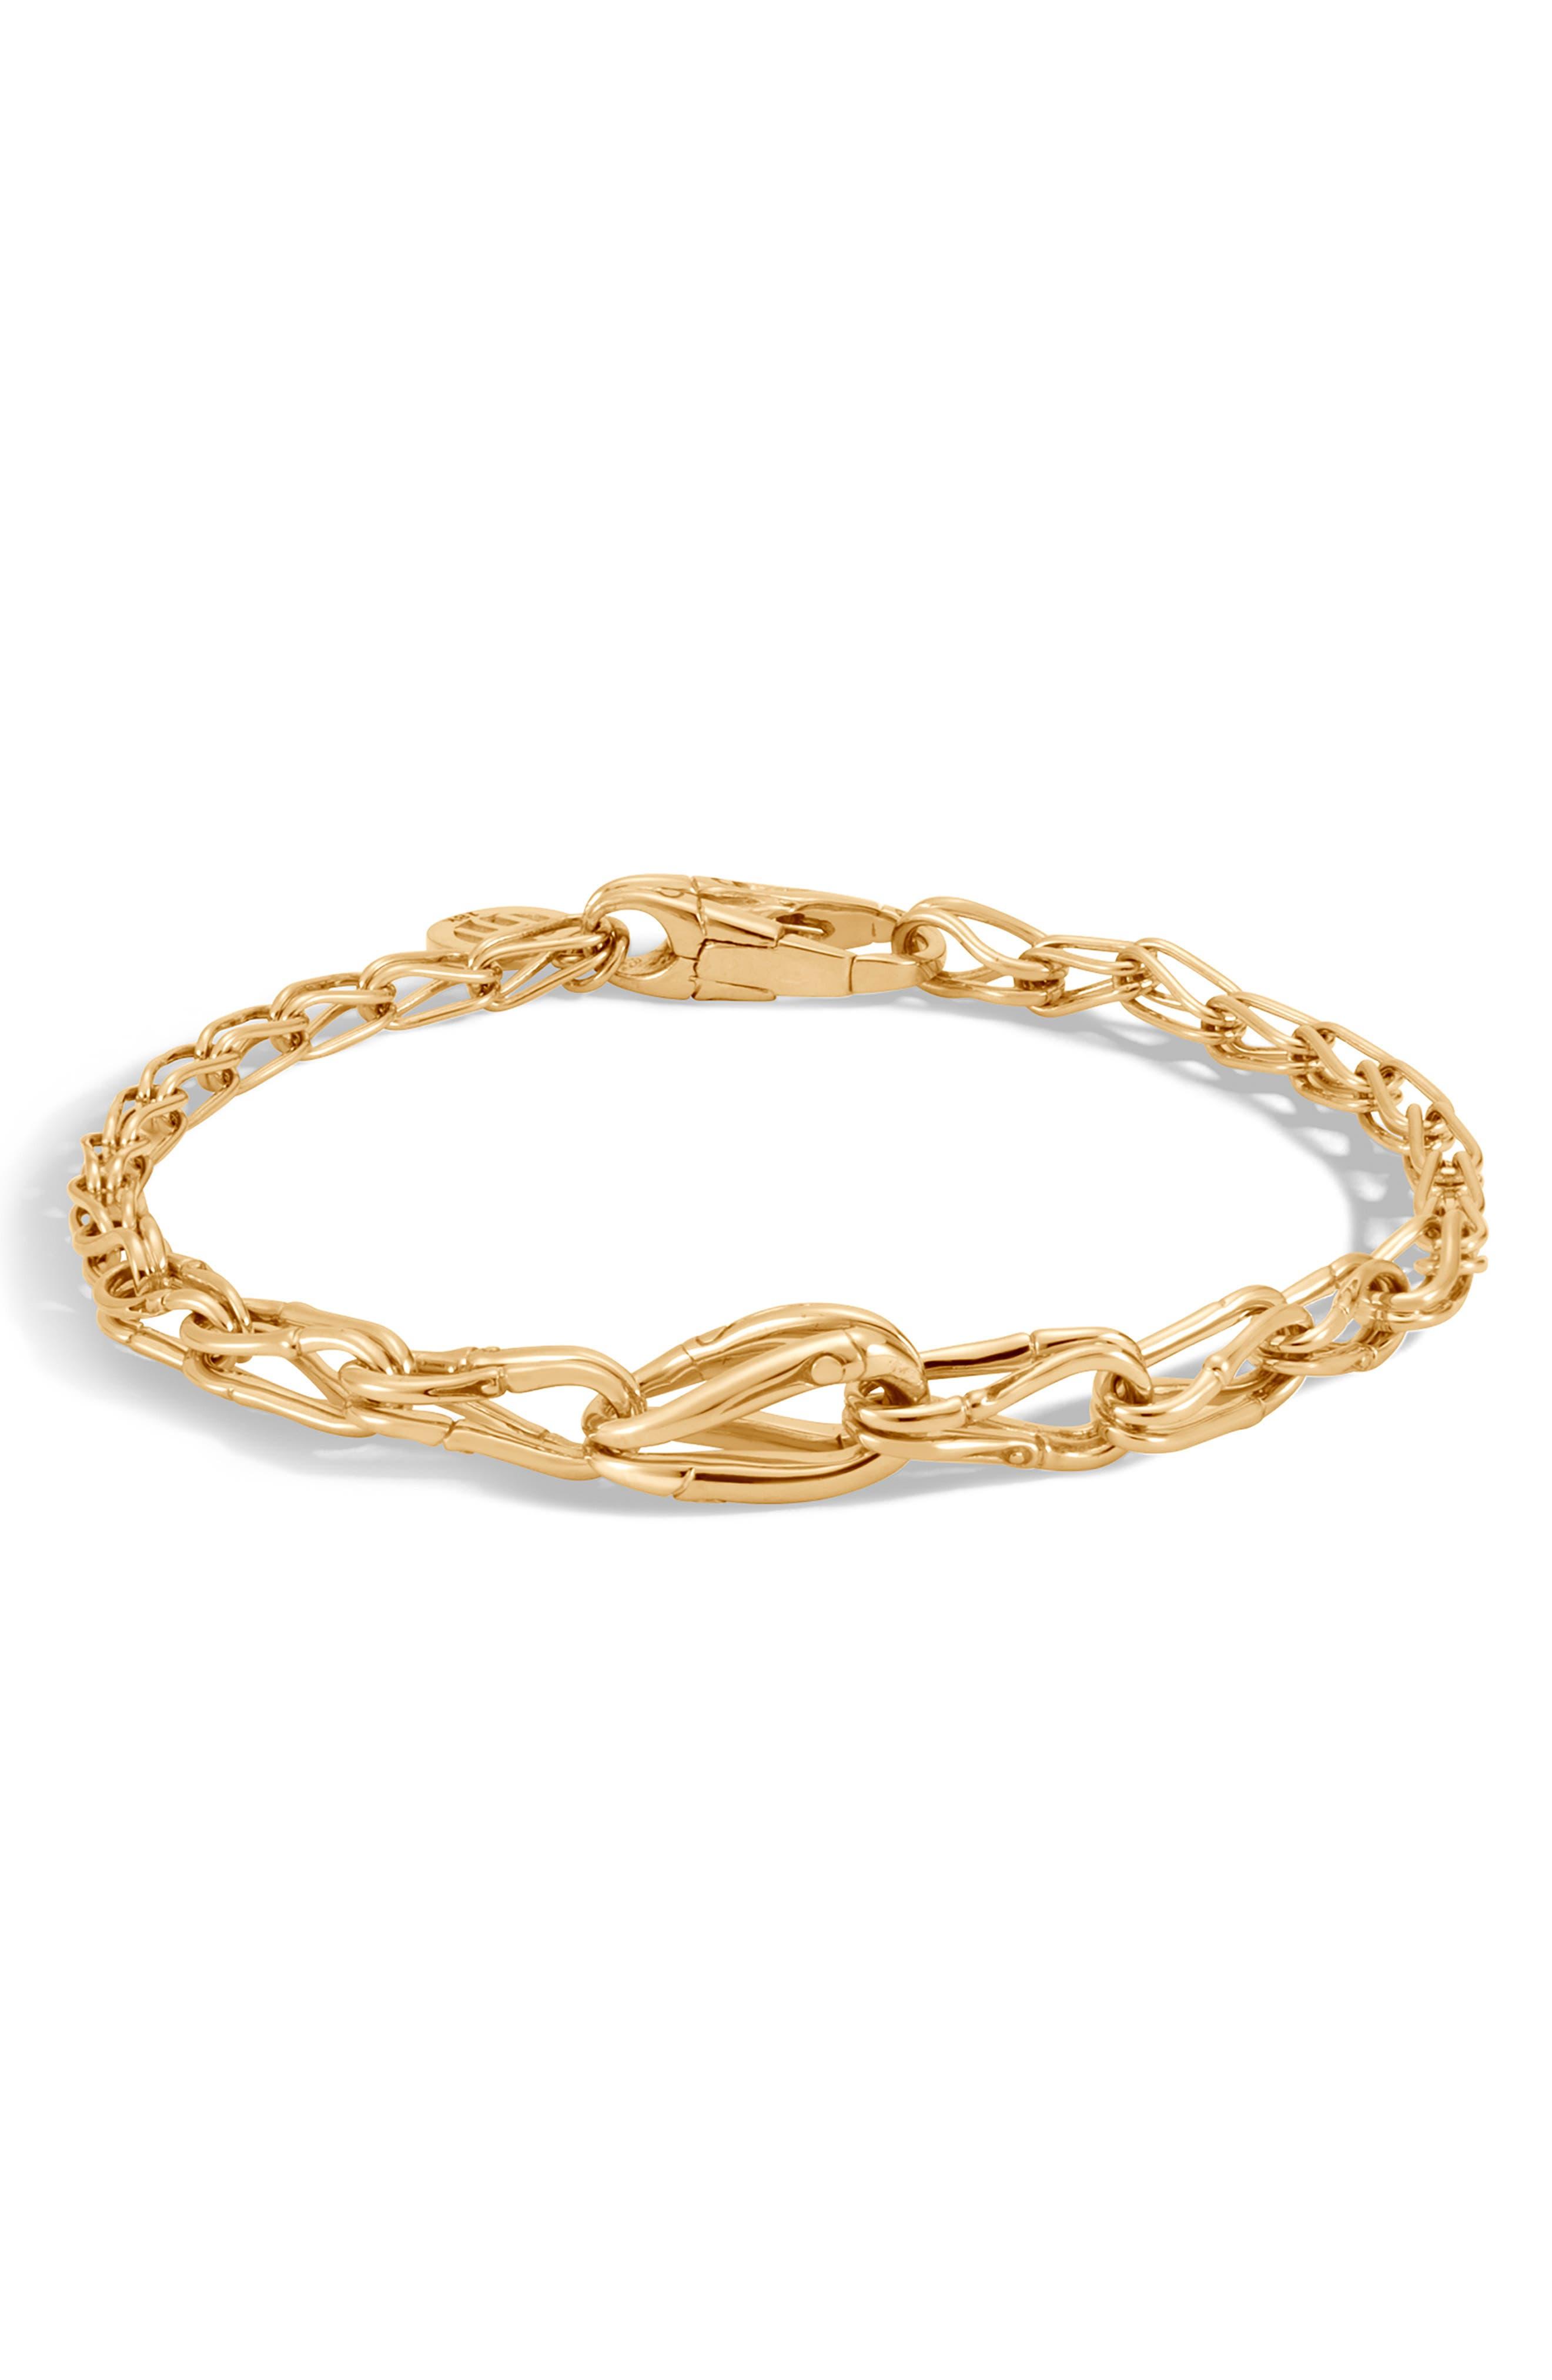 Bamboo 18K Gold Graduated Link Bracelet,                         Main,                         color, GOLD